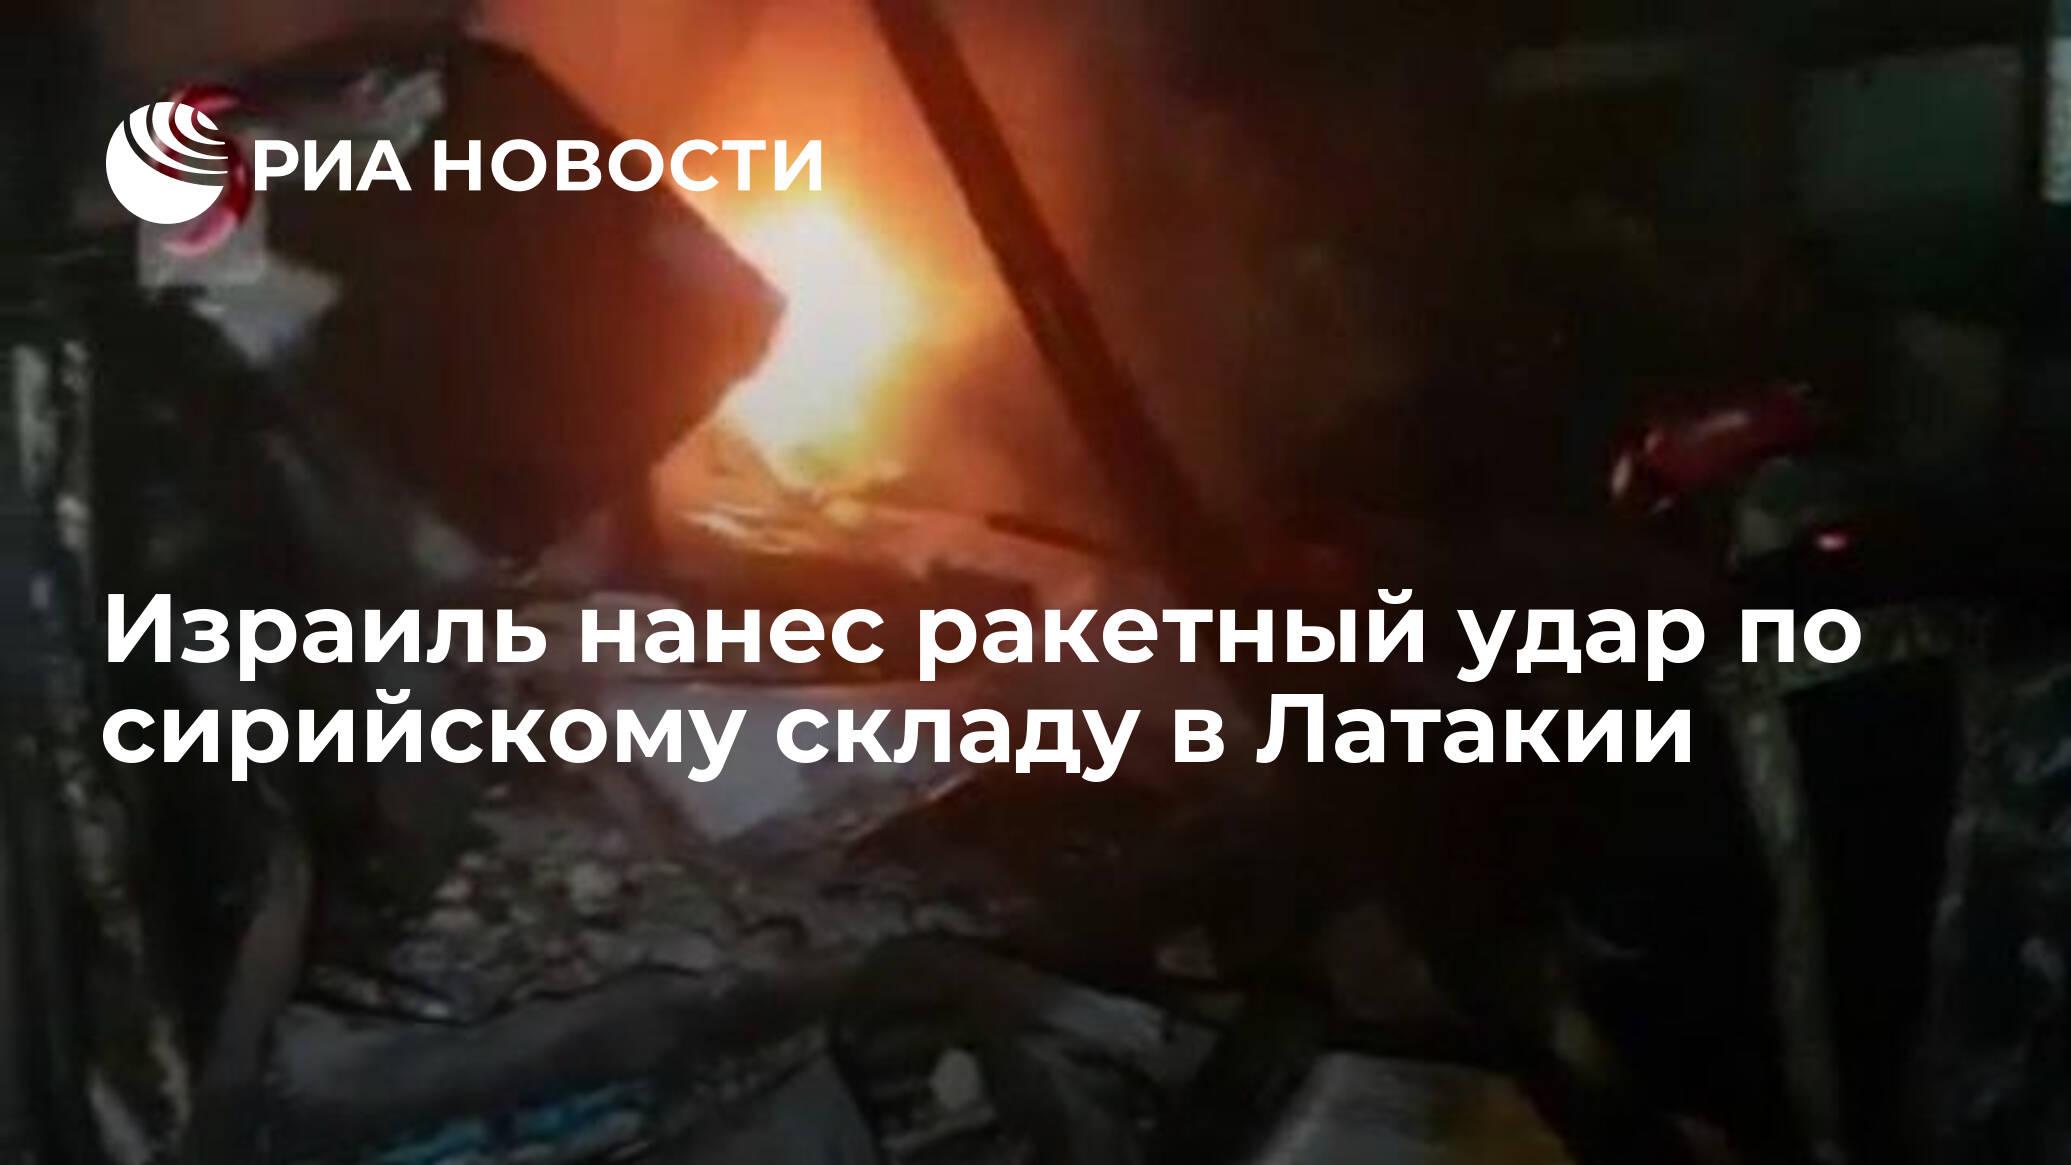 Израиль нанес ракетный удар по сирийскому складу в Латакии